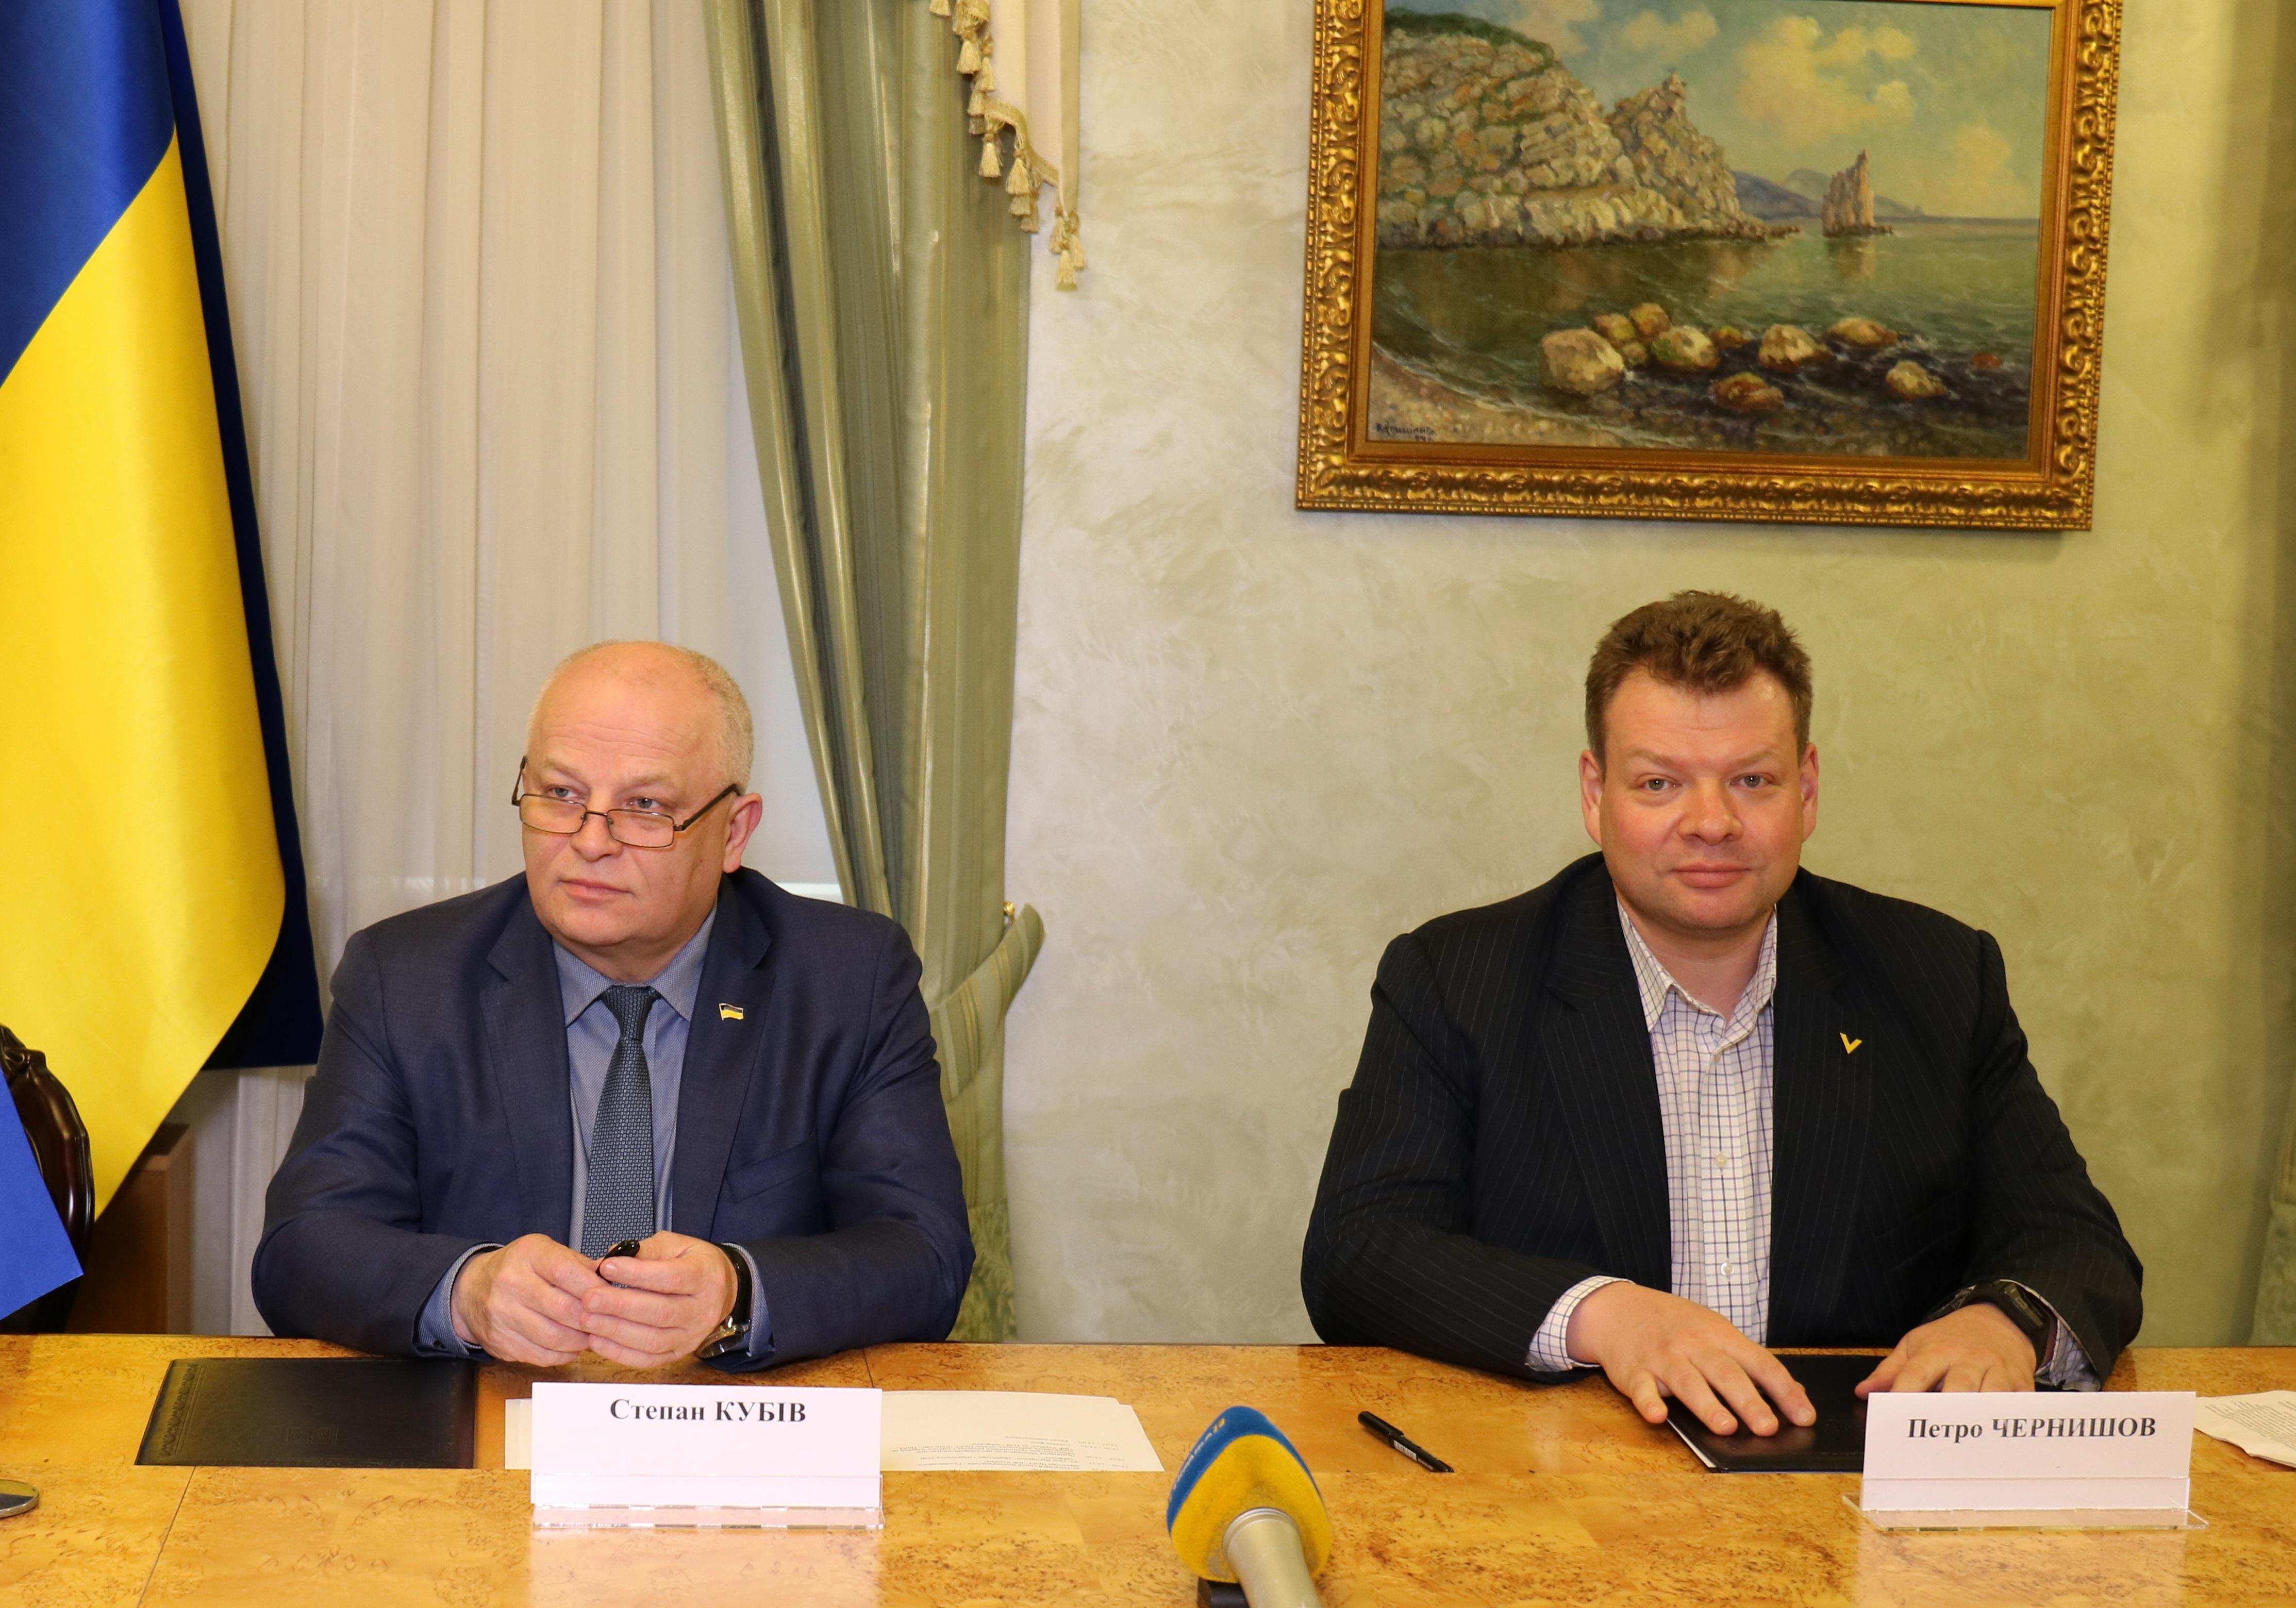 Киевстар и Министерство экономического развития и торговли Украины подписали Меморандум о сотрудничестве